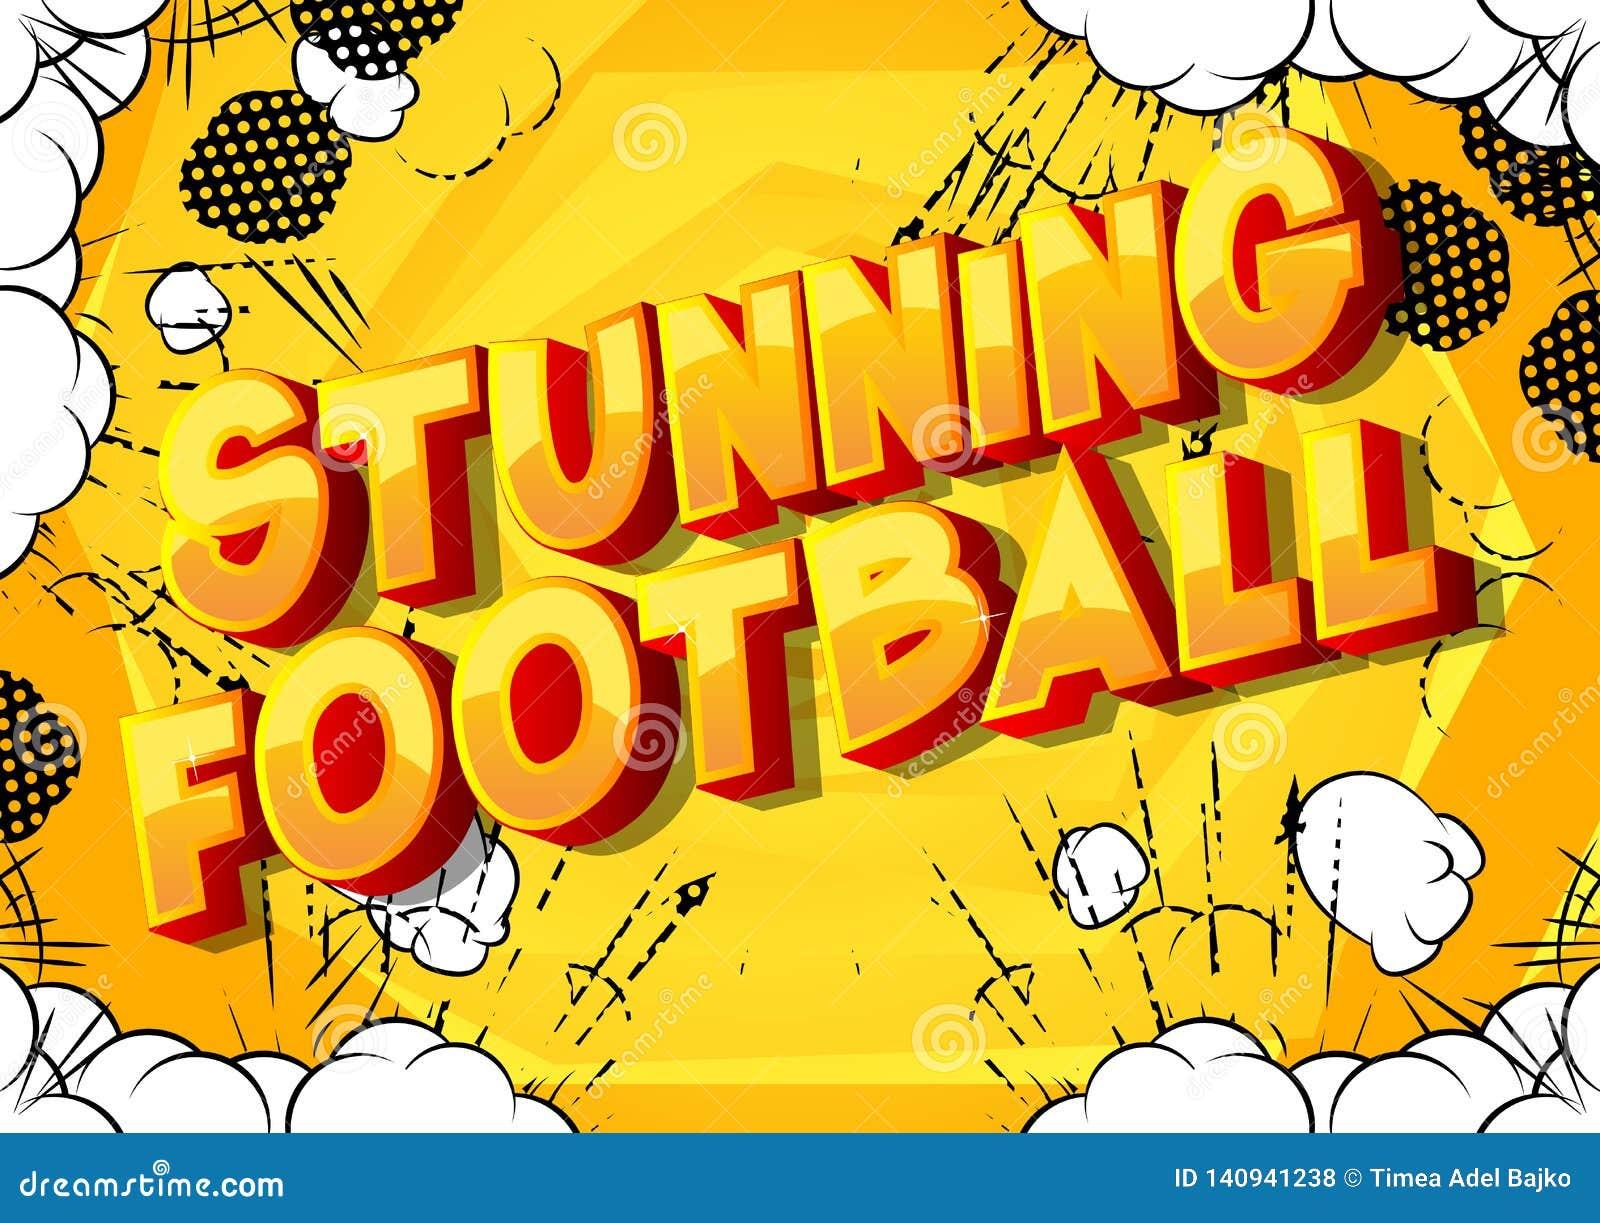 Le football de stupéfaction - mots de style de bande dessinée